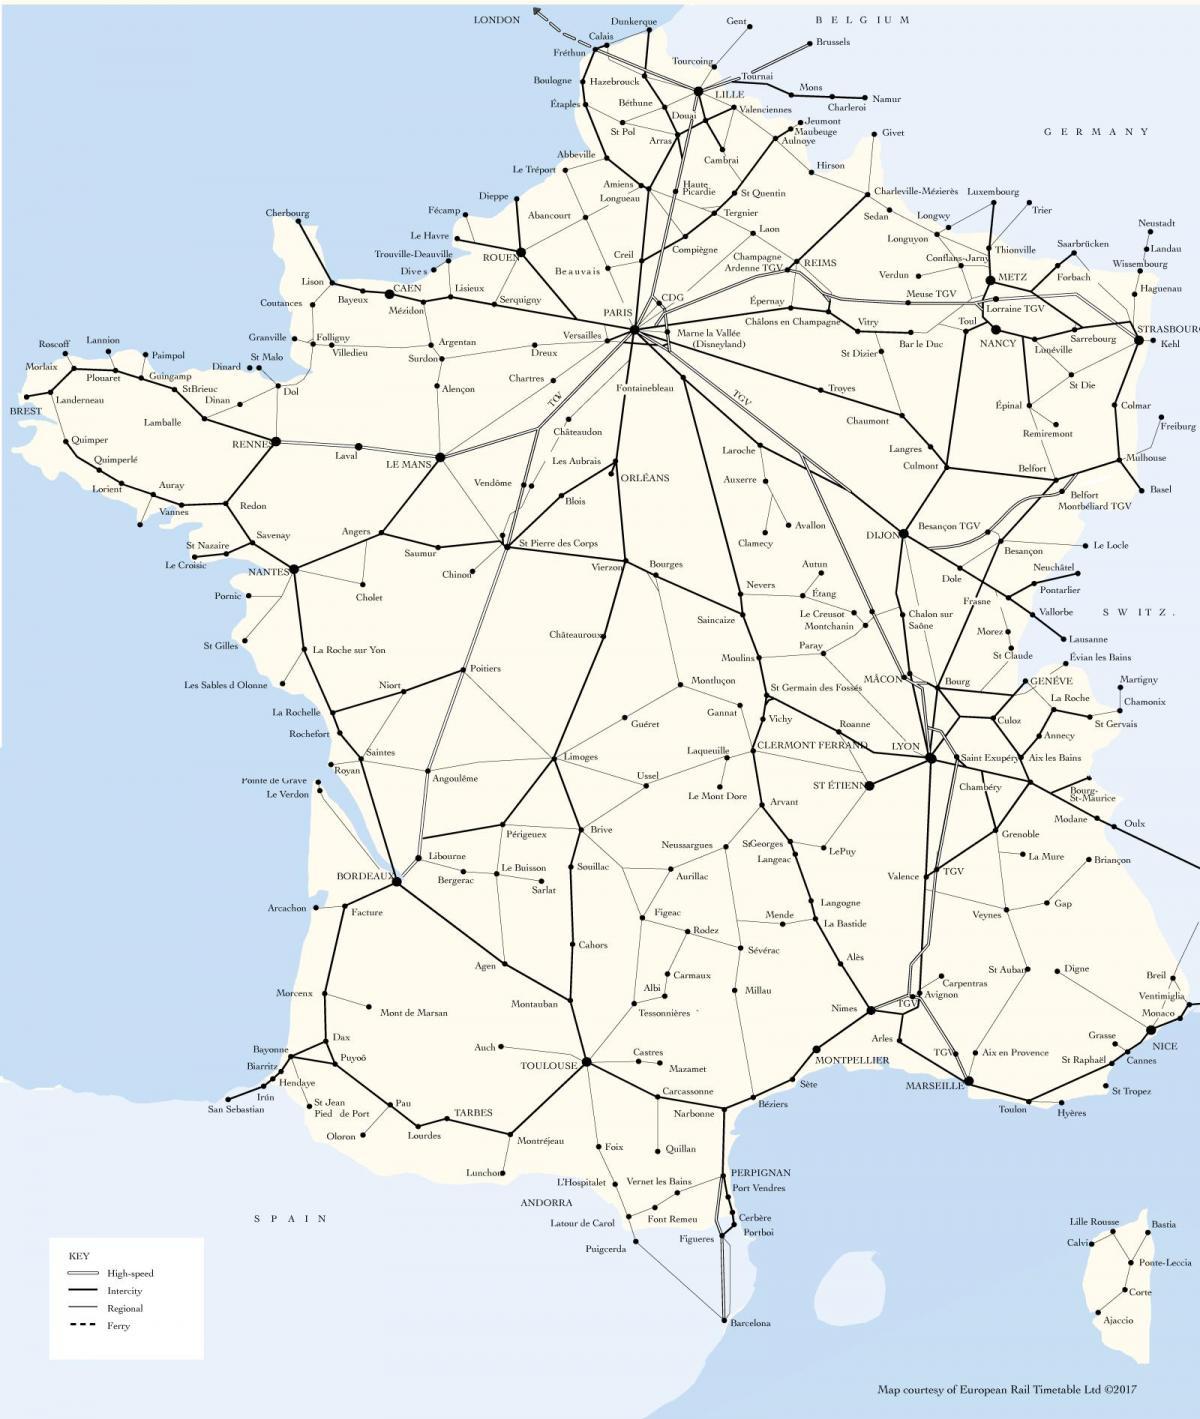 tog europa kart Frankrike tog kart   Kart over tog linjer i Frankrike (Vest Europa  tog europa kart